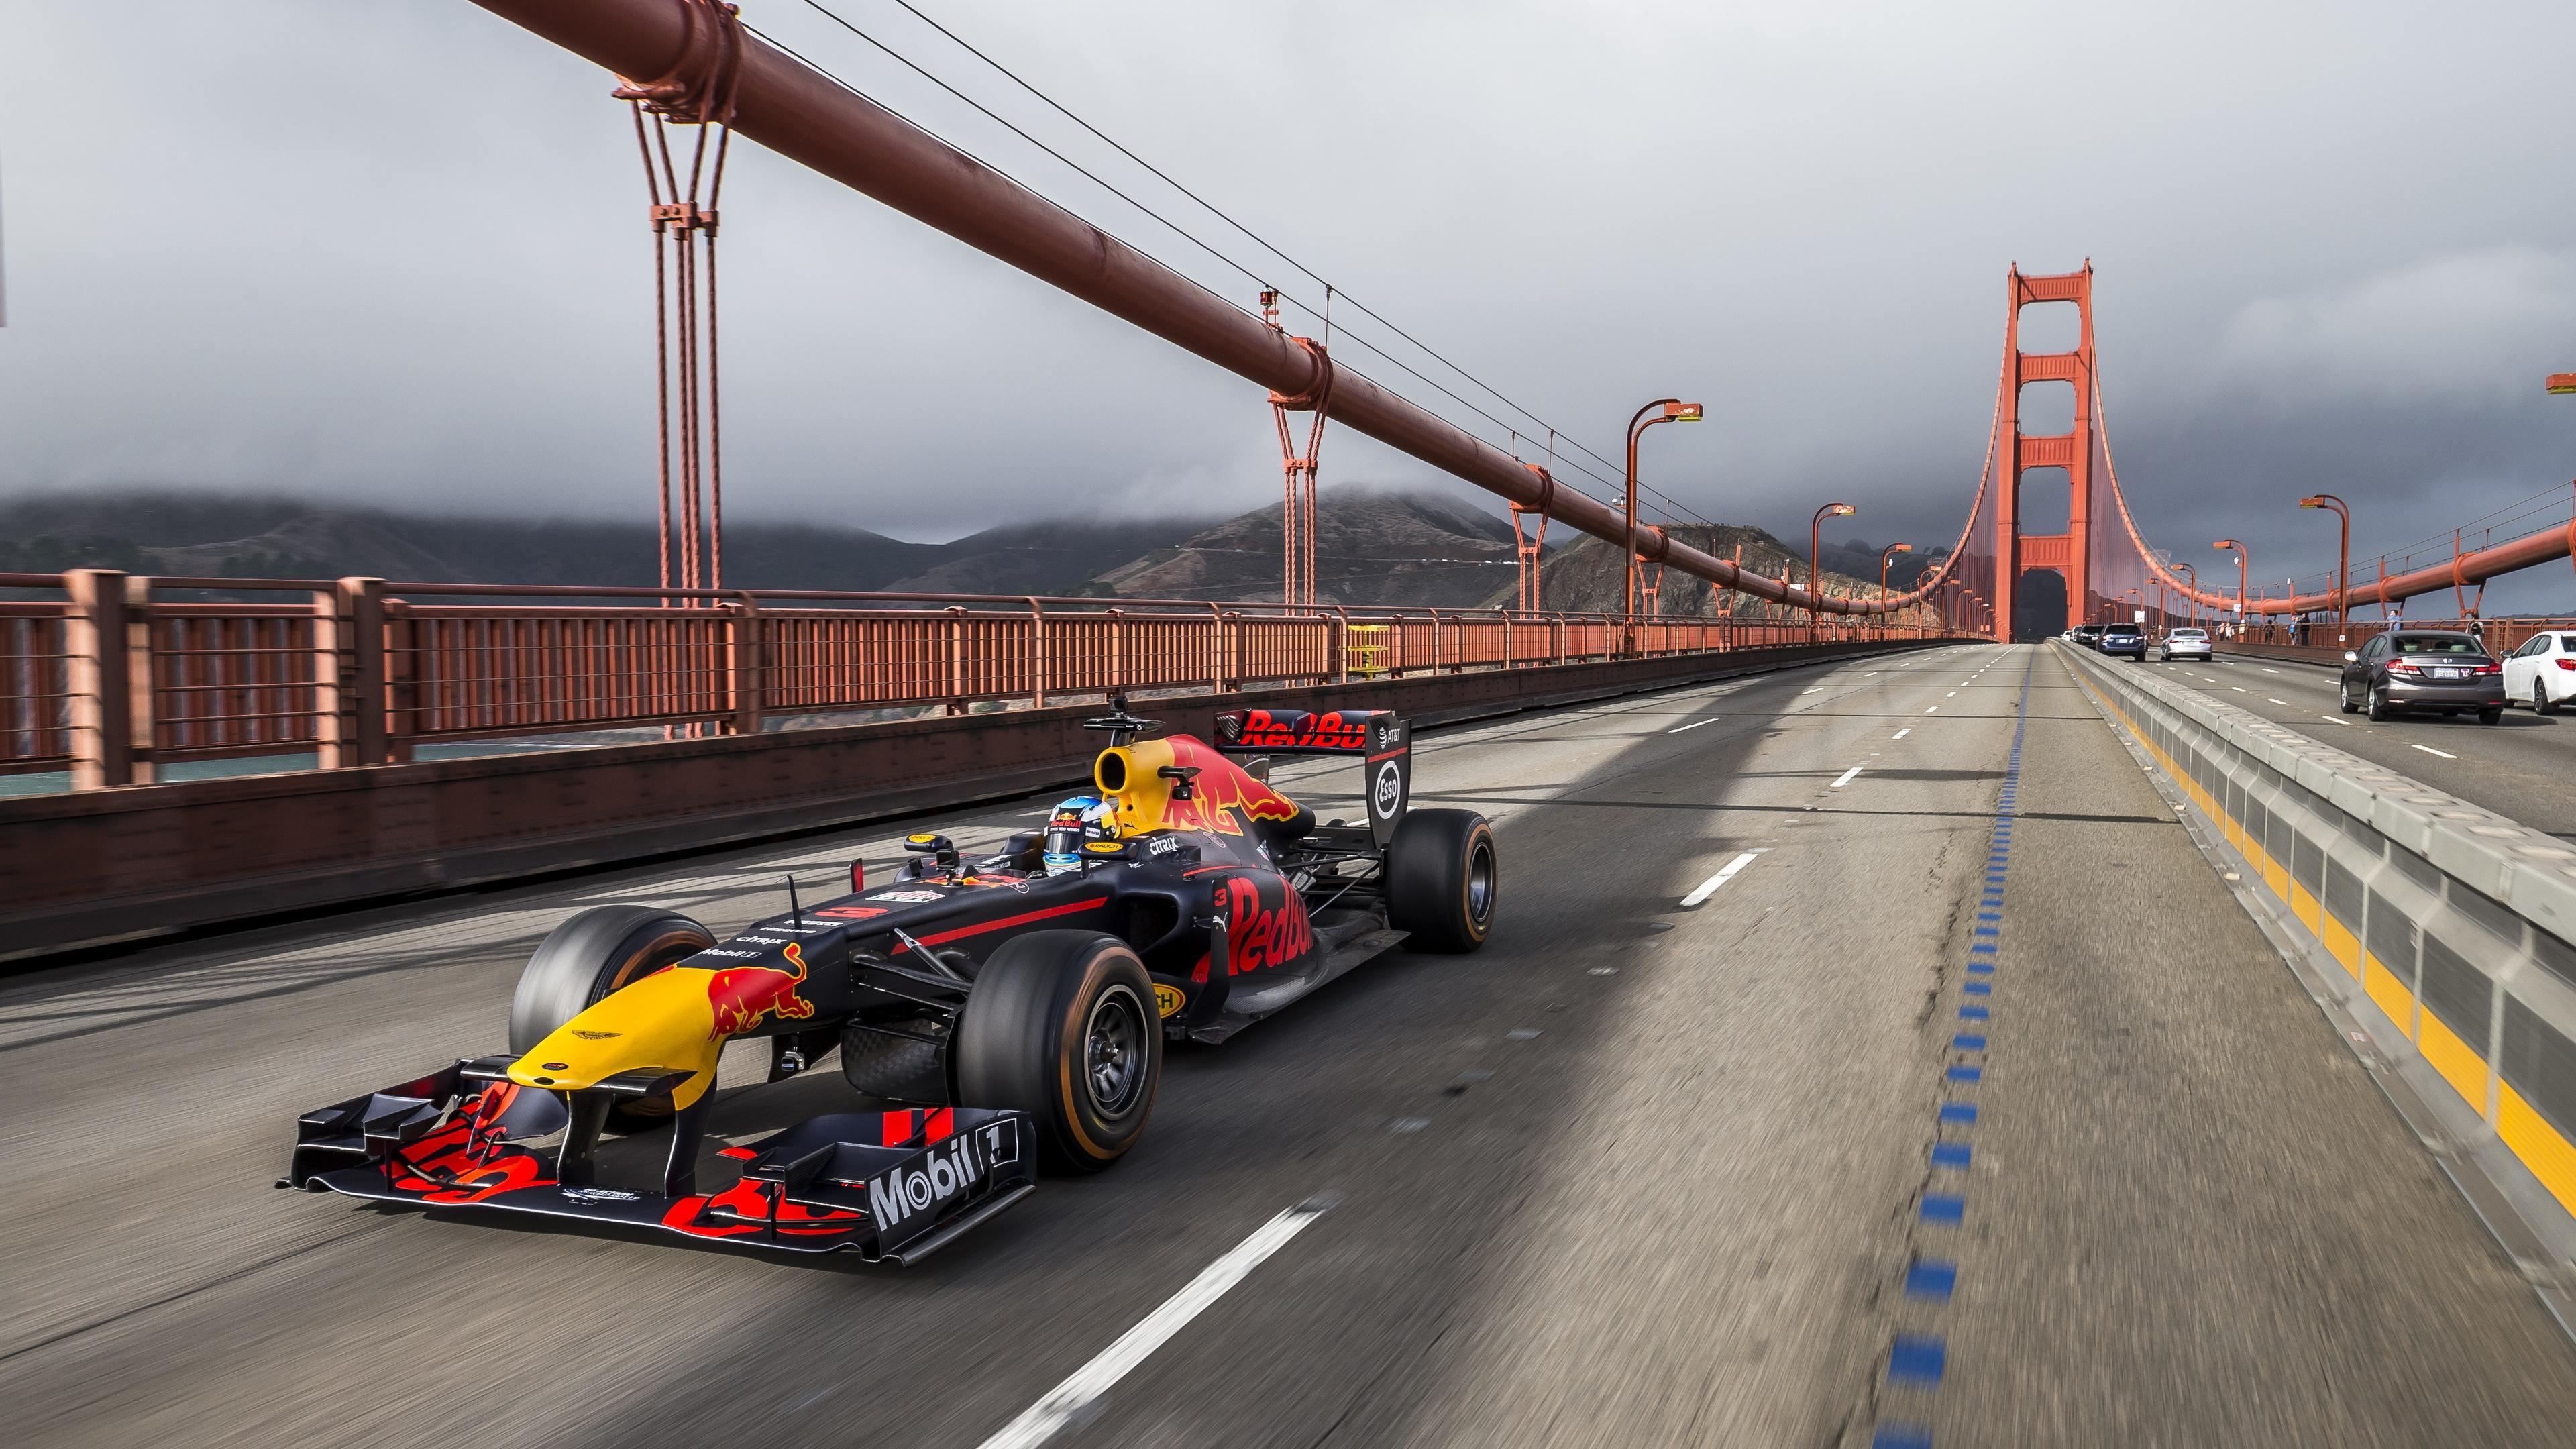 Wallpaper 4k Red Bull Rb12 F1 5k 4k Wallpapers 5k